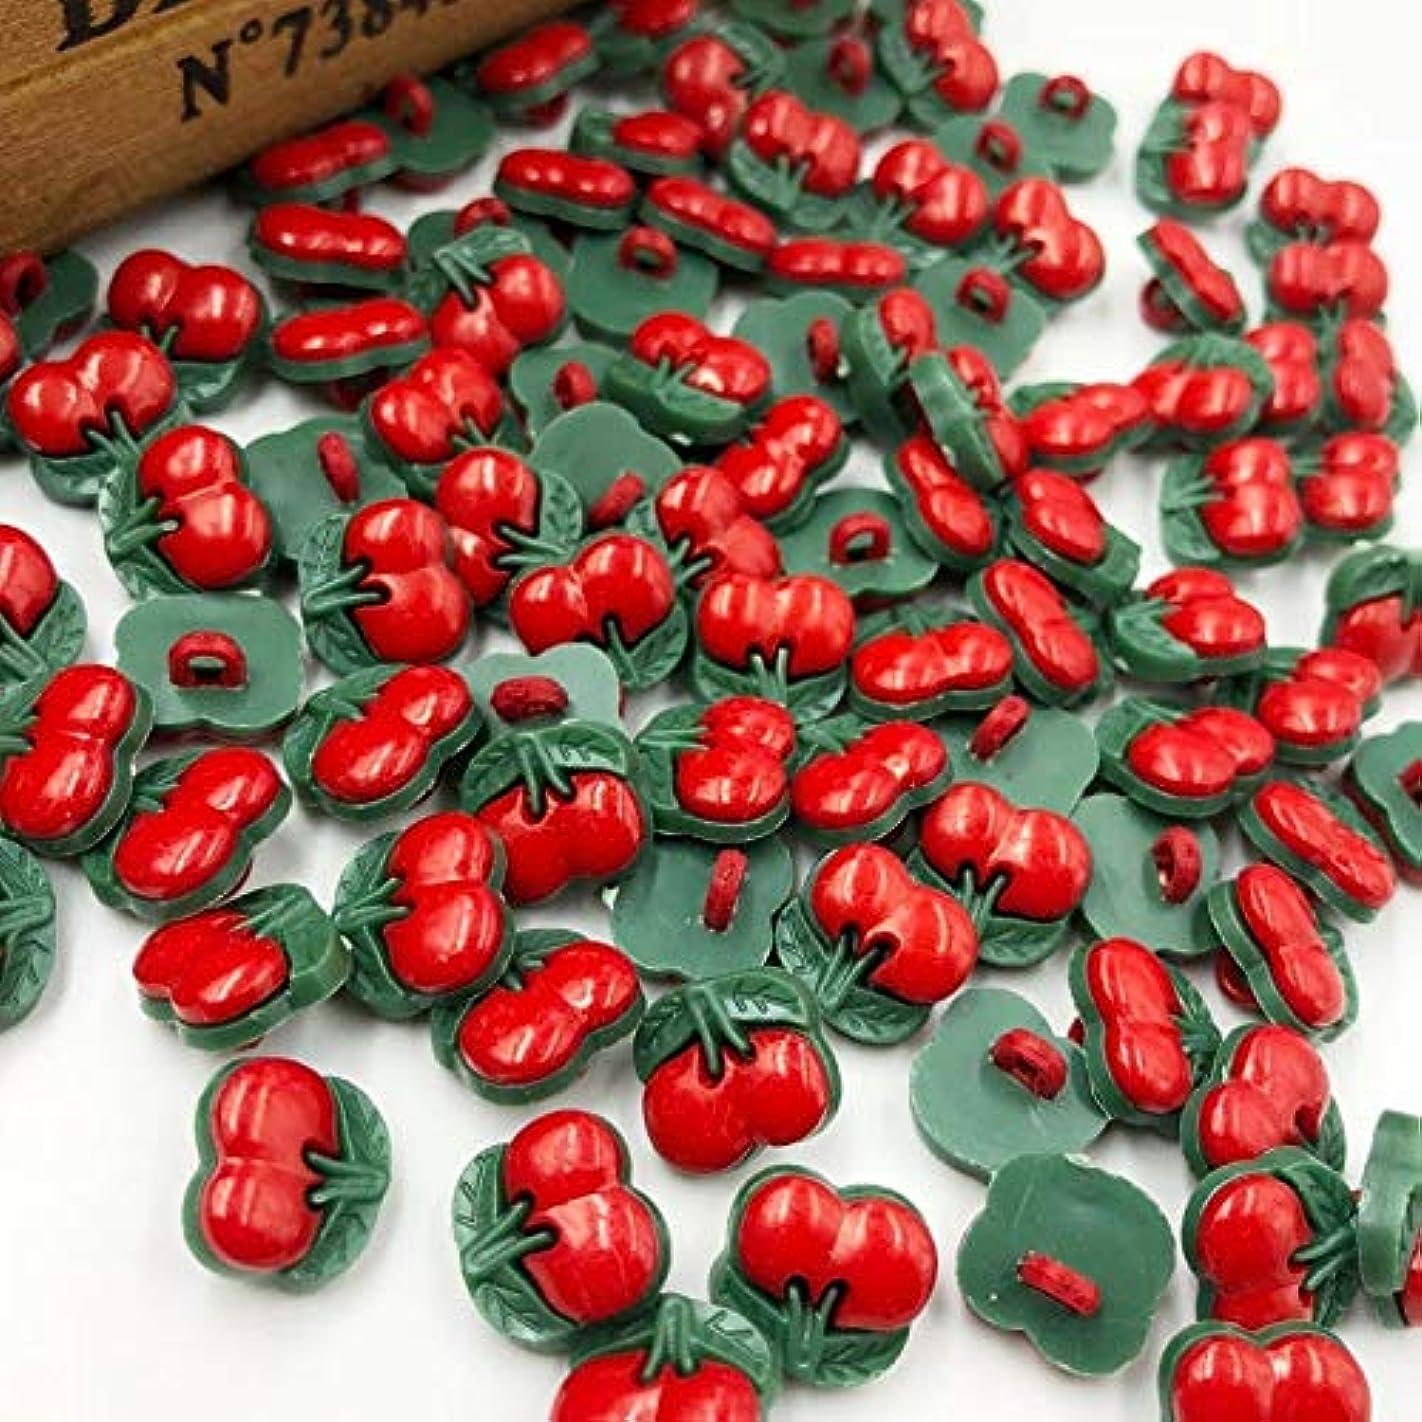 艶オーナメント王子Propenary - Uは、レッドチェリープラスチックボタン縫製ボタンDIY工芸を選びます